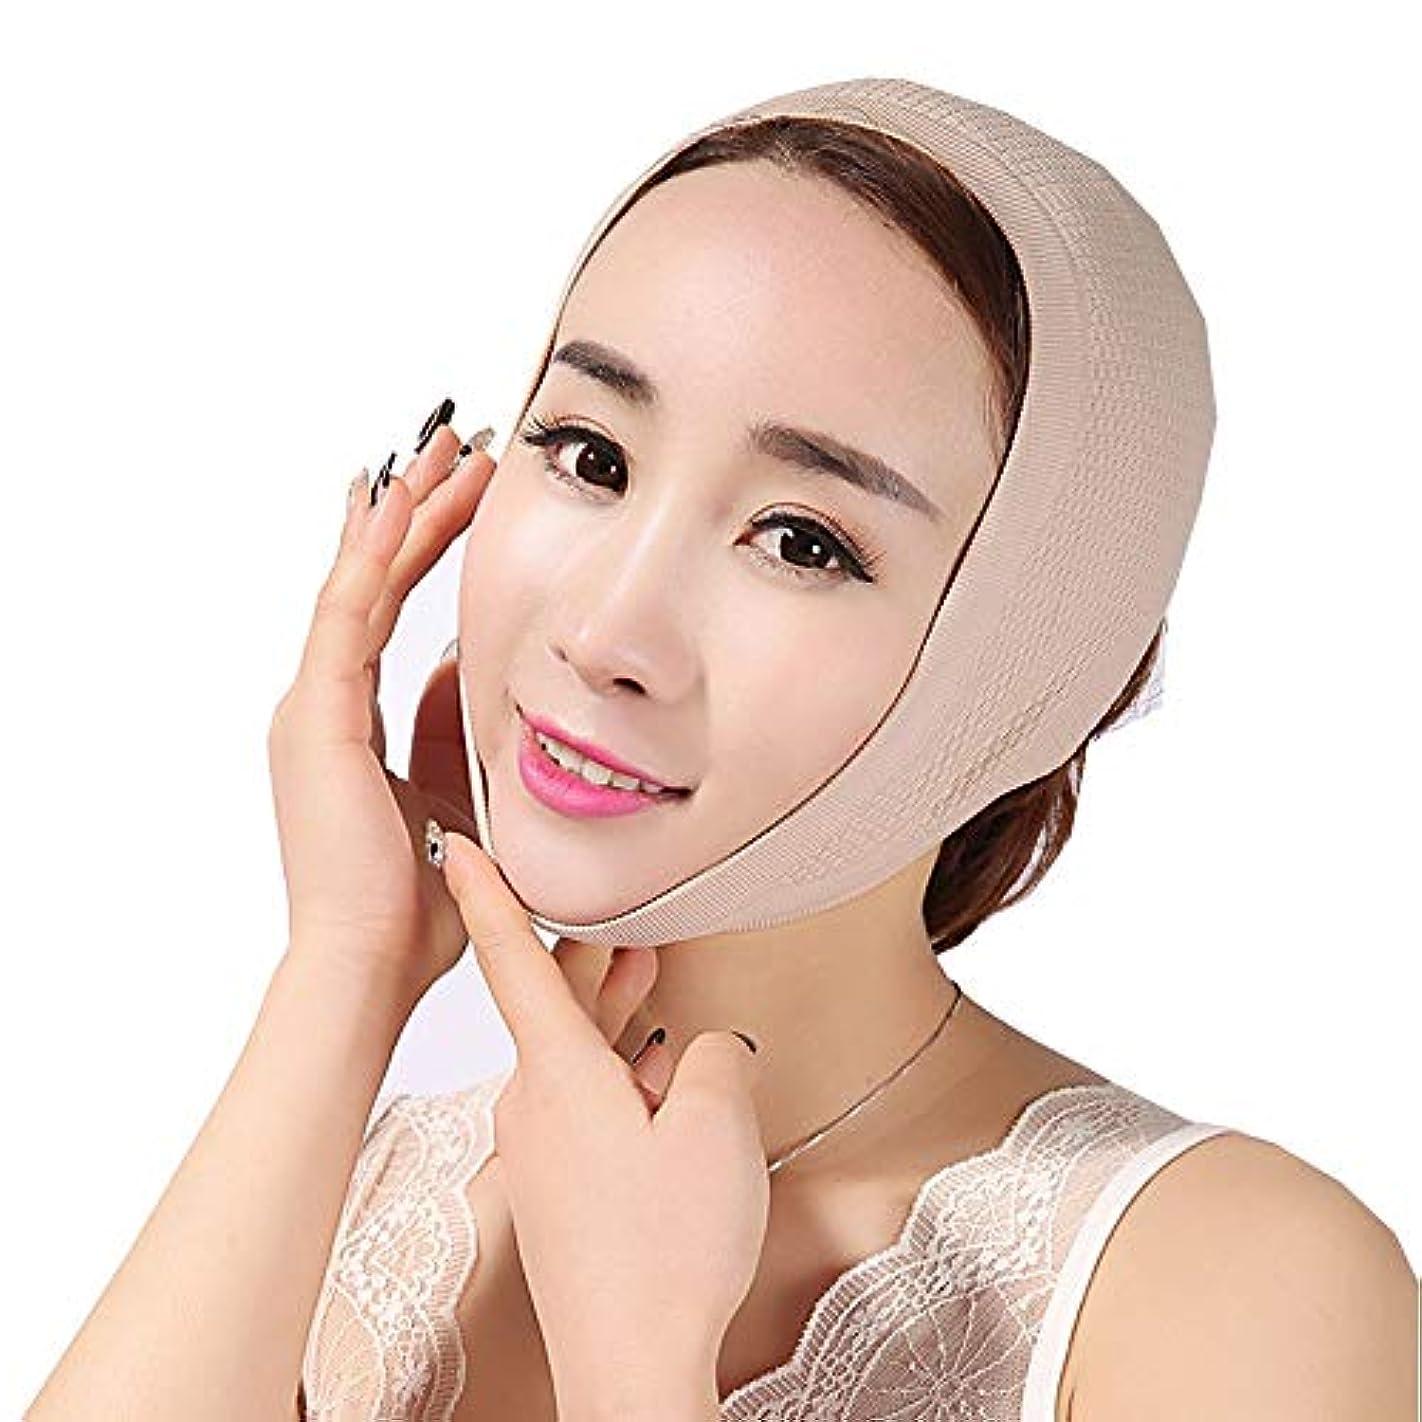 提供割れ目タバコフェイスマスクで眠る薄い顔フェイスリフトフェイスリフトアーティファクトスモールフェイスVフェイスリフト付きフェイスフェイス包帯引き上げジョーセット